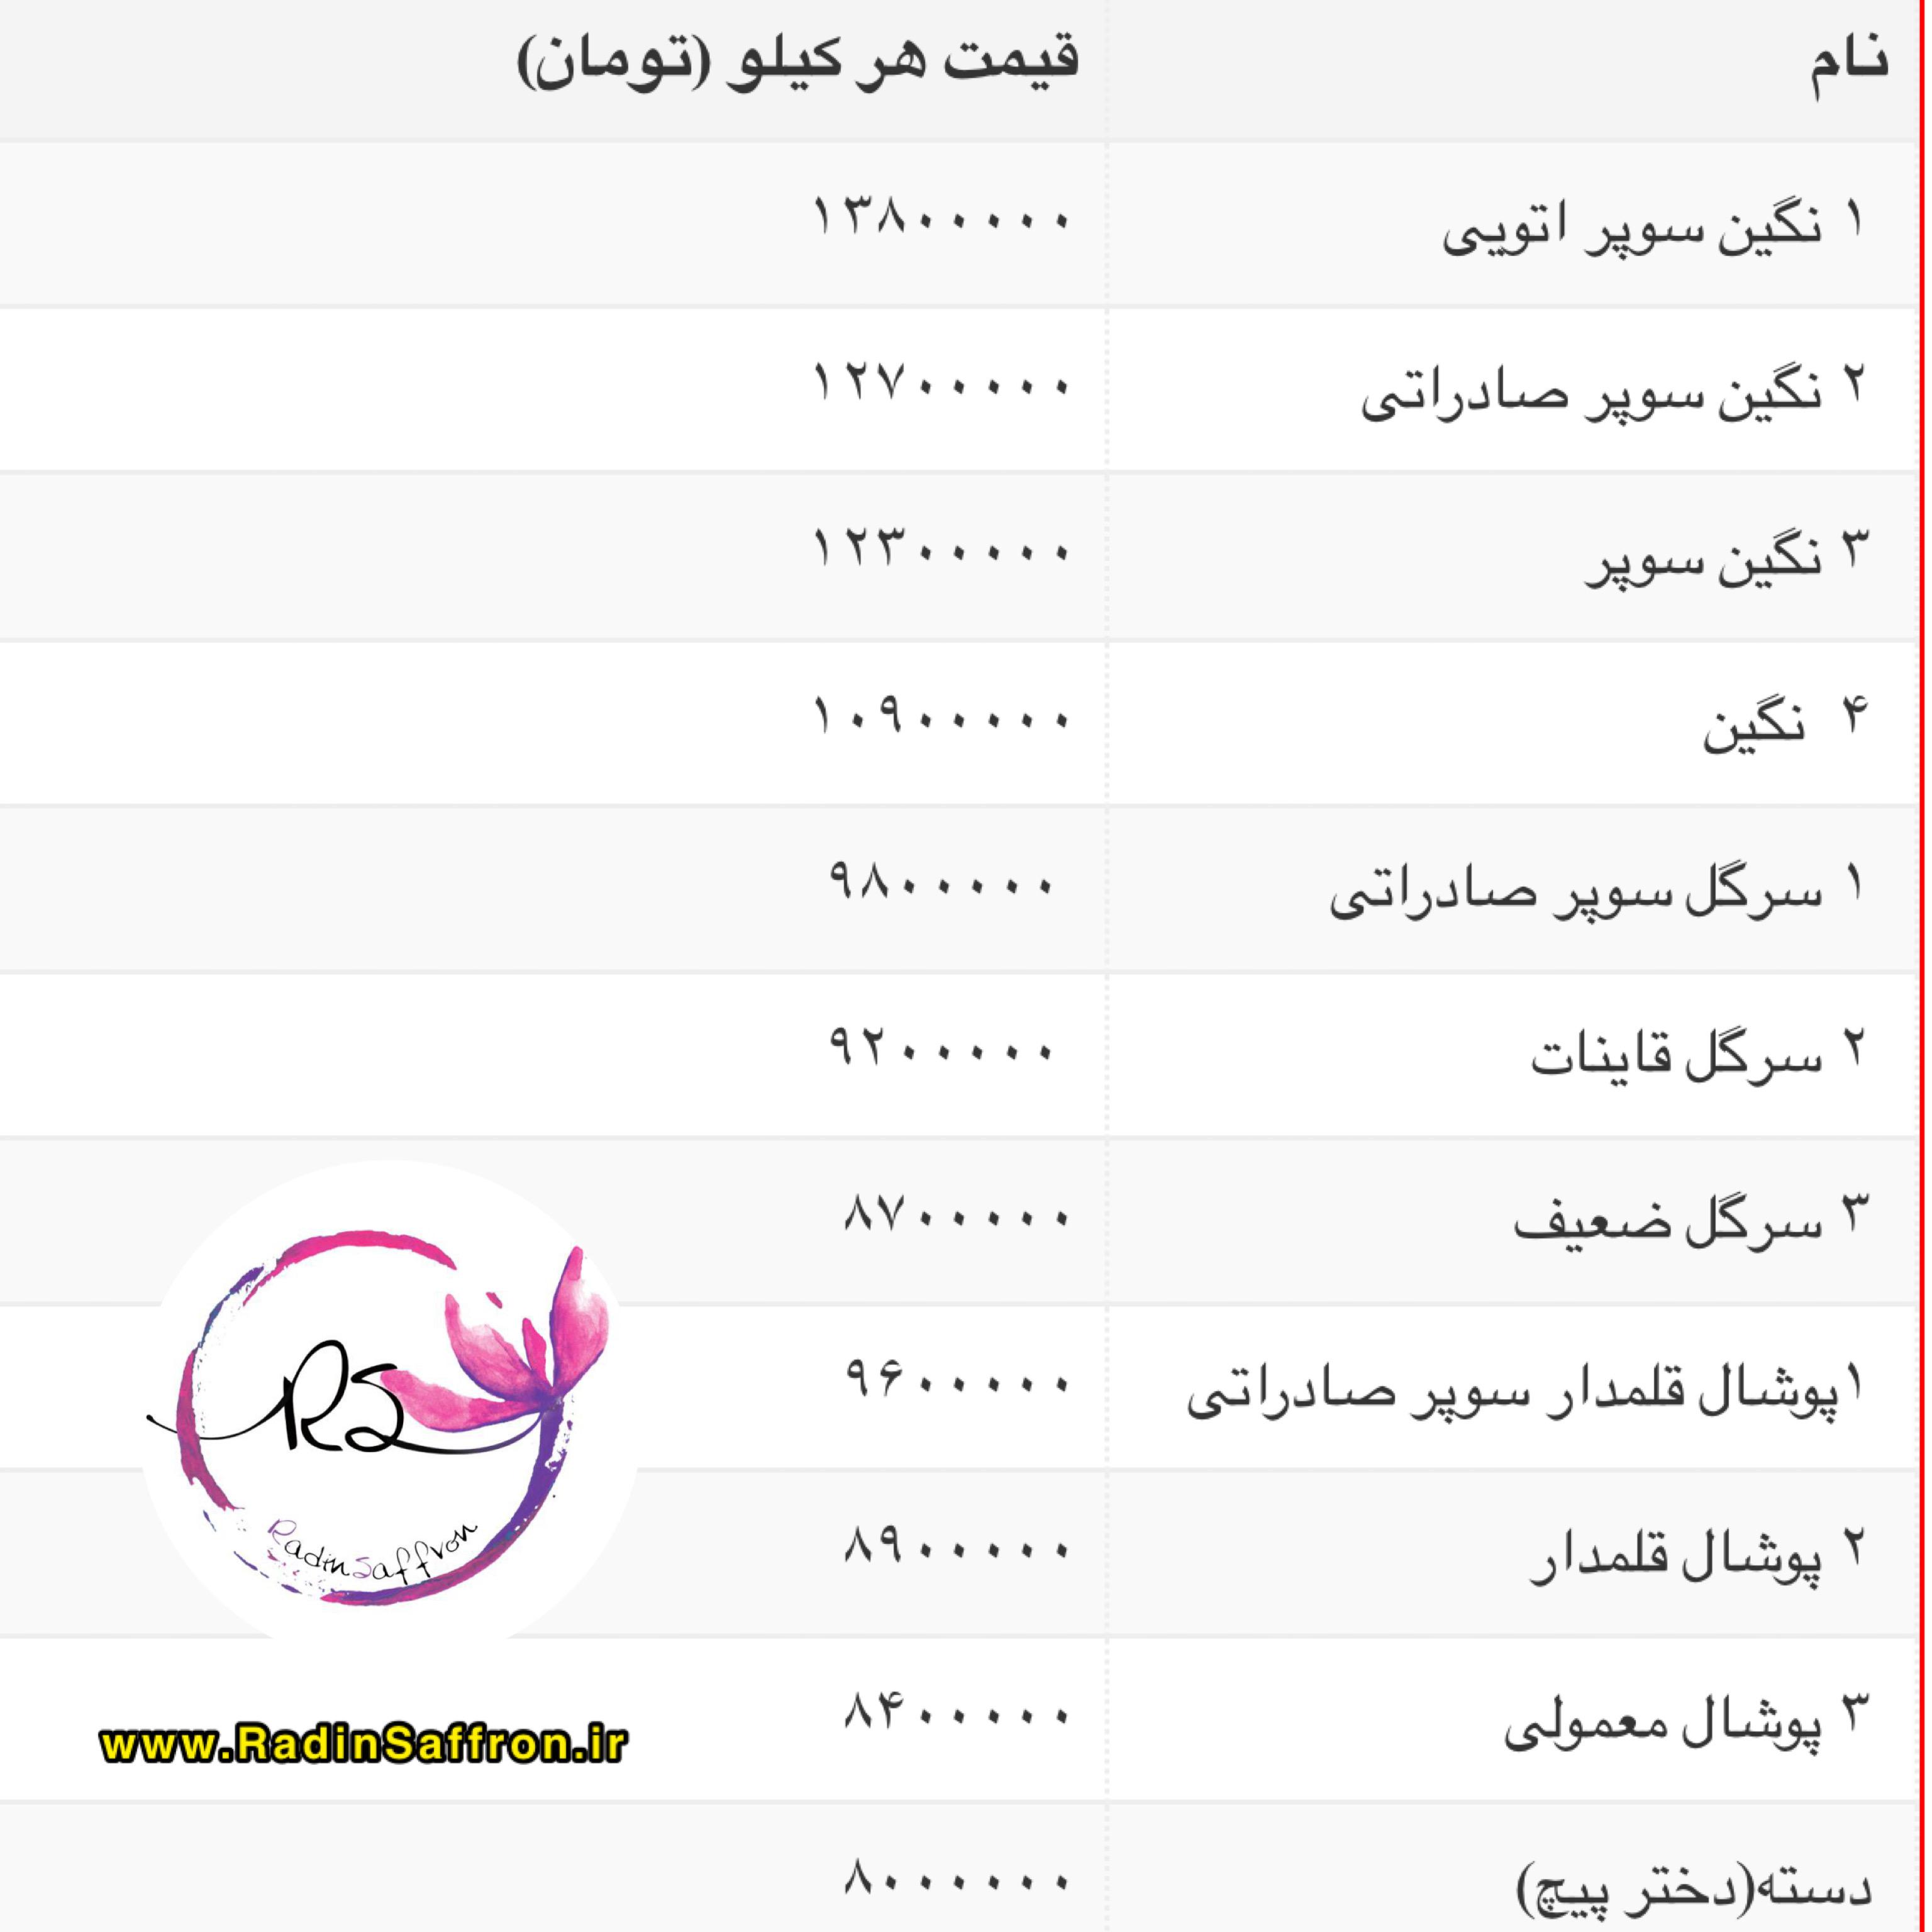 قیمت زعفران ۲۱ بهمن